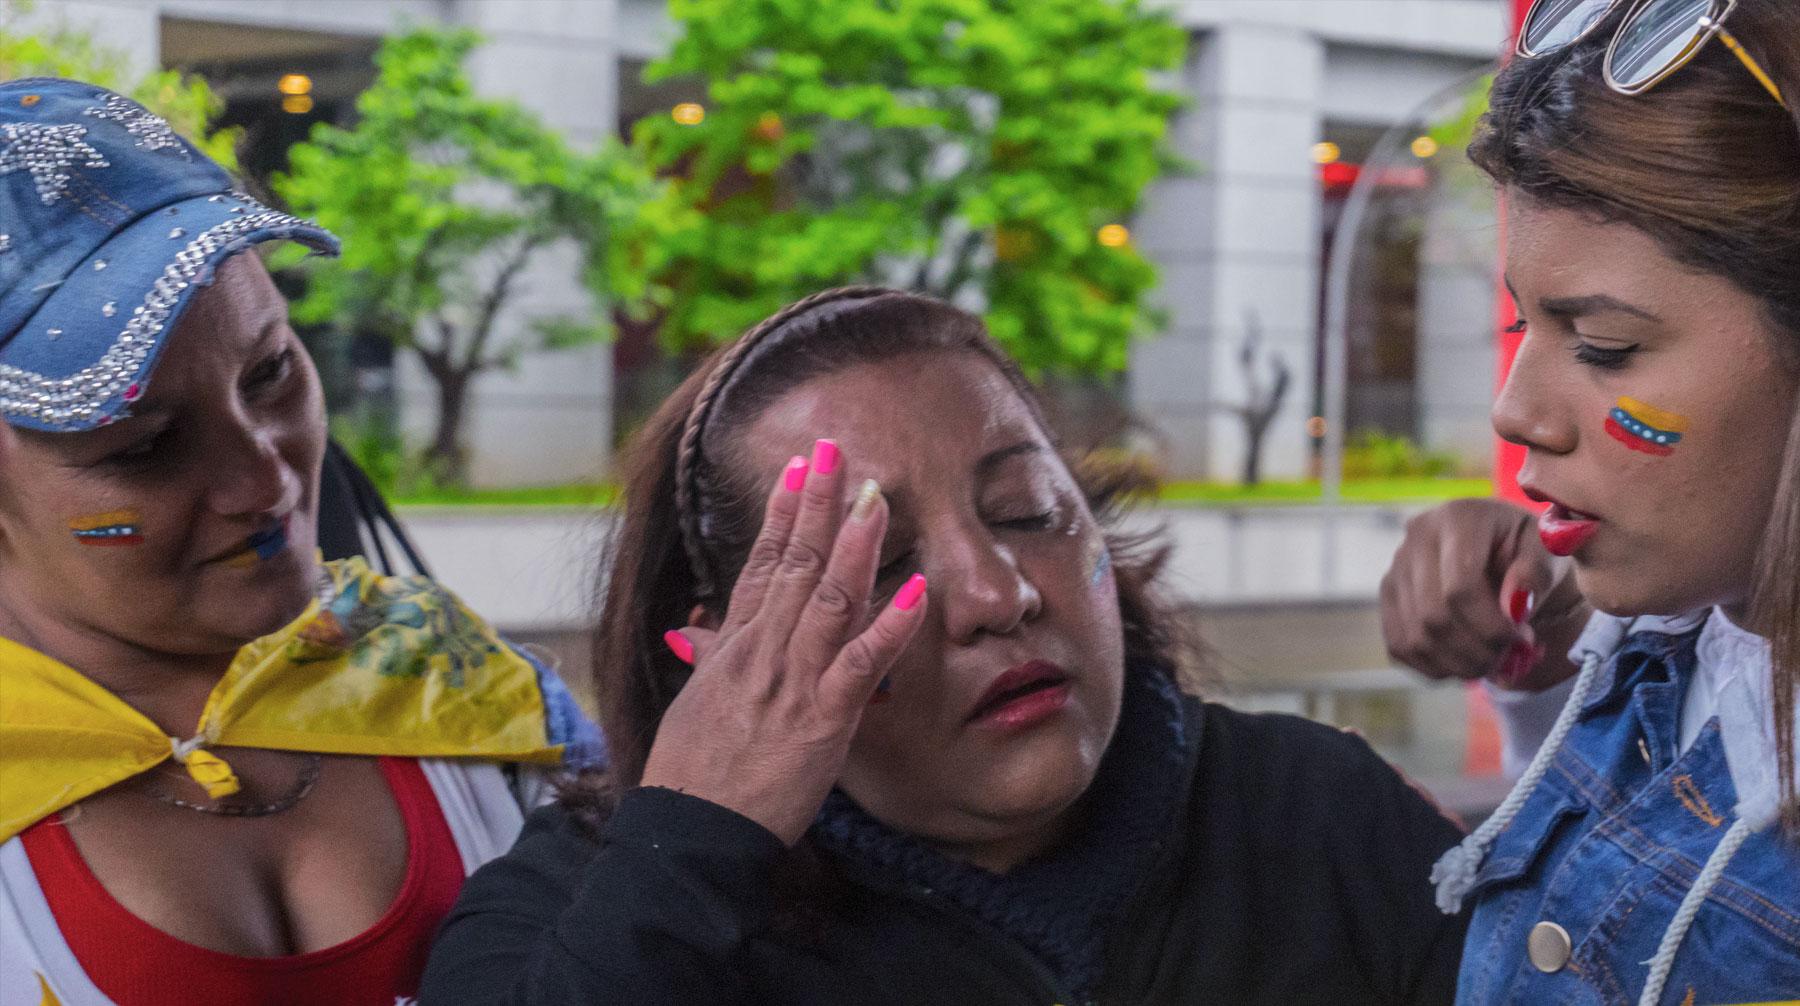 ВКаракасе вовремя карнавала вспыхнули беспорядки